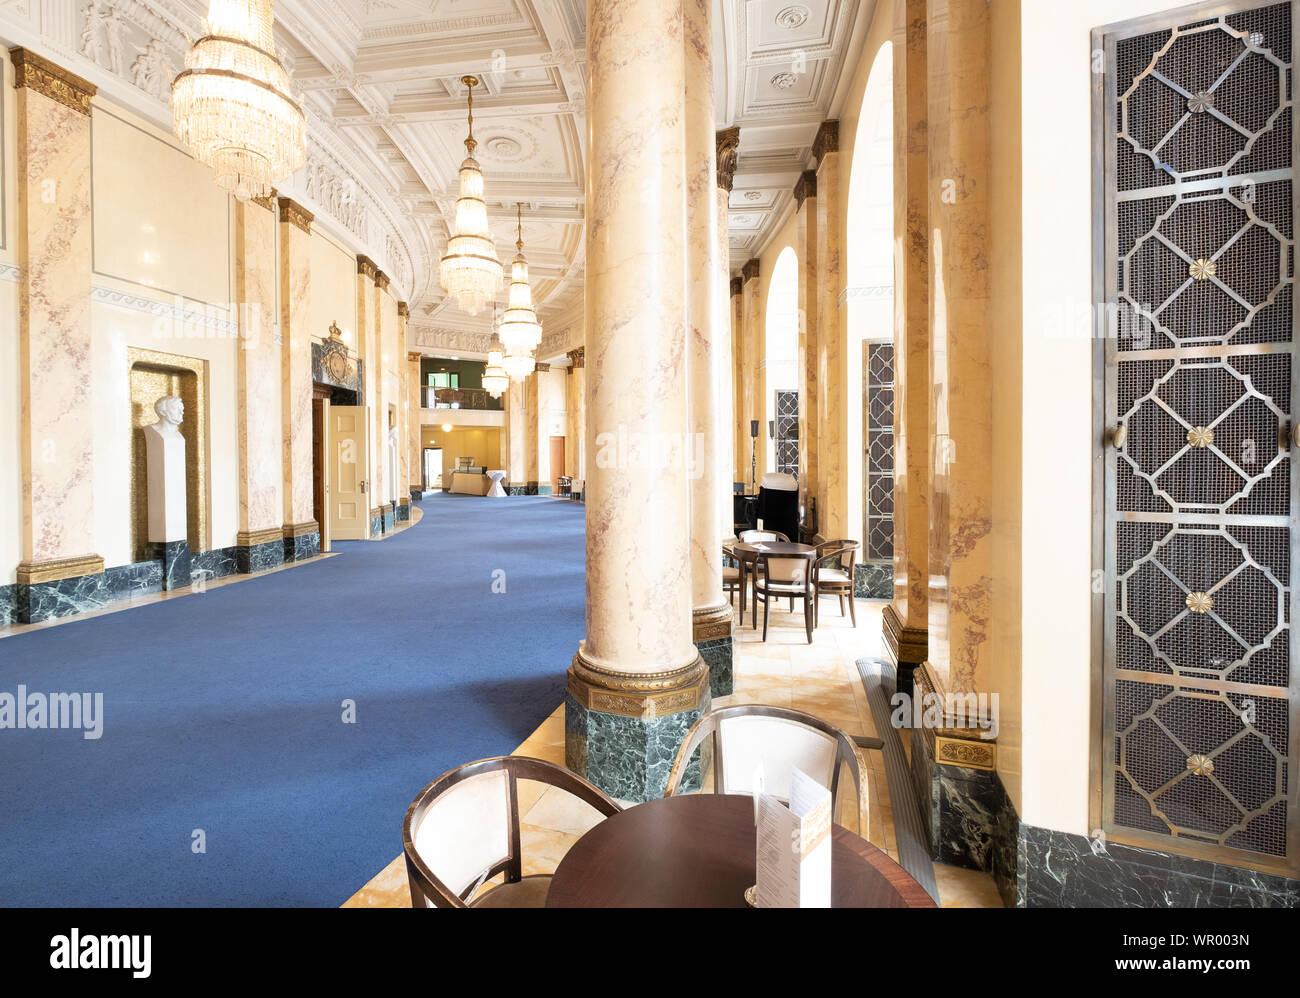 zum halben Preis Wählen Sie für offizielle riesige Auswahl an Stuttgart, Germany. 09th July, 2019. Stuttgart Opera House ...